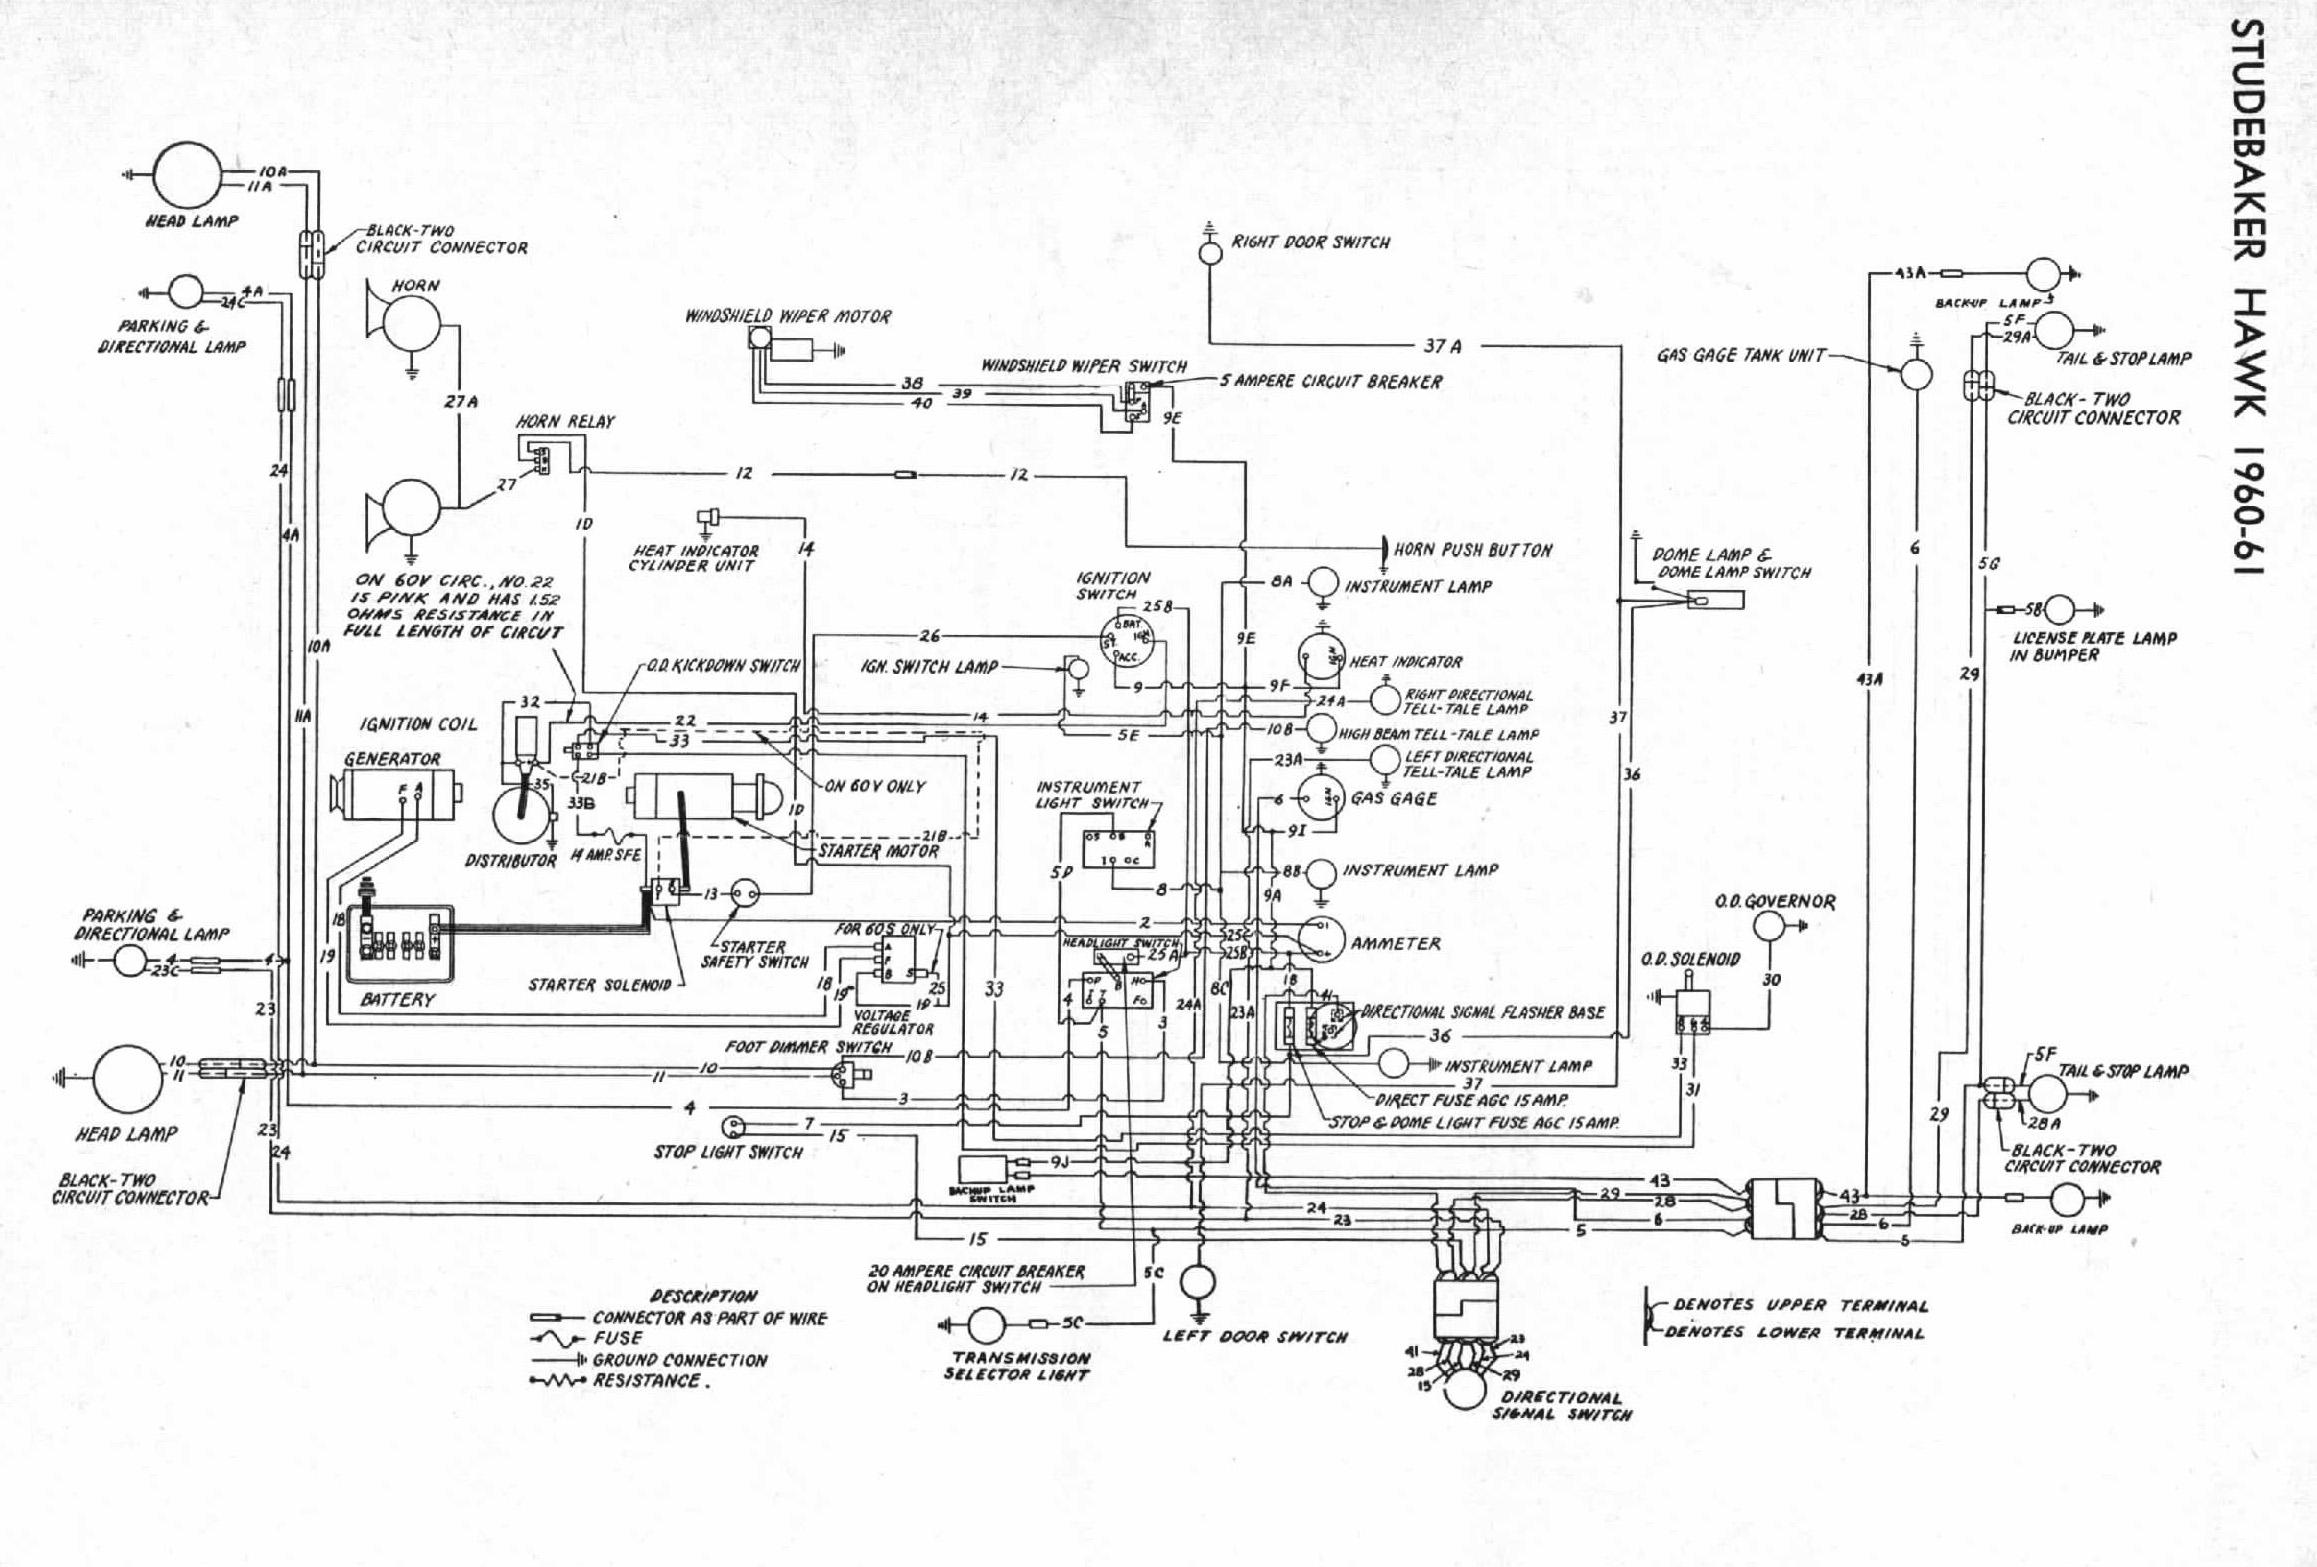 Od Wiring Help V8